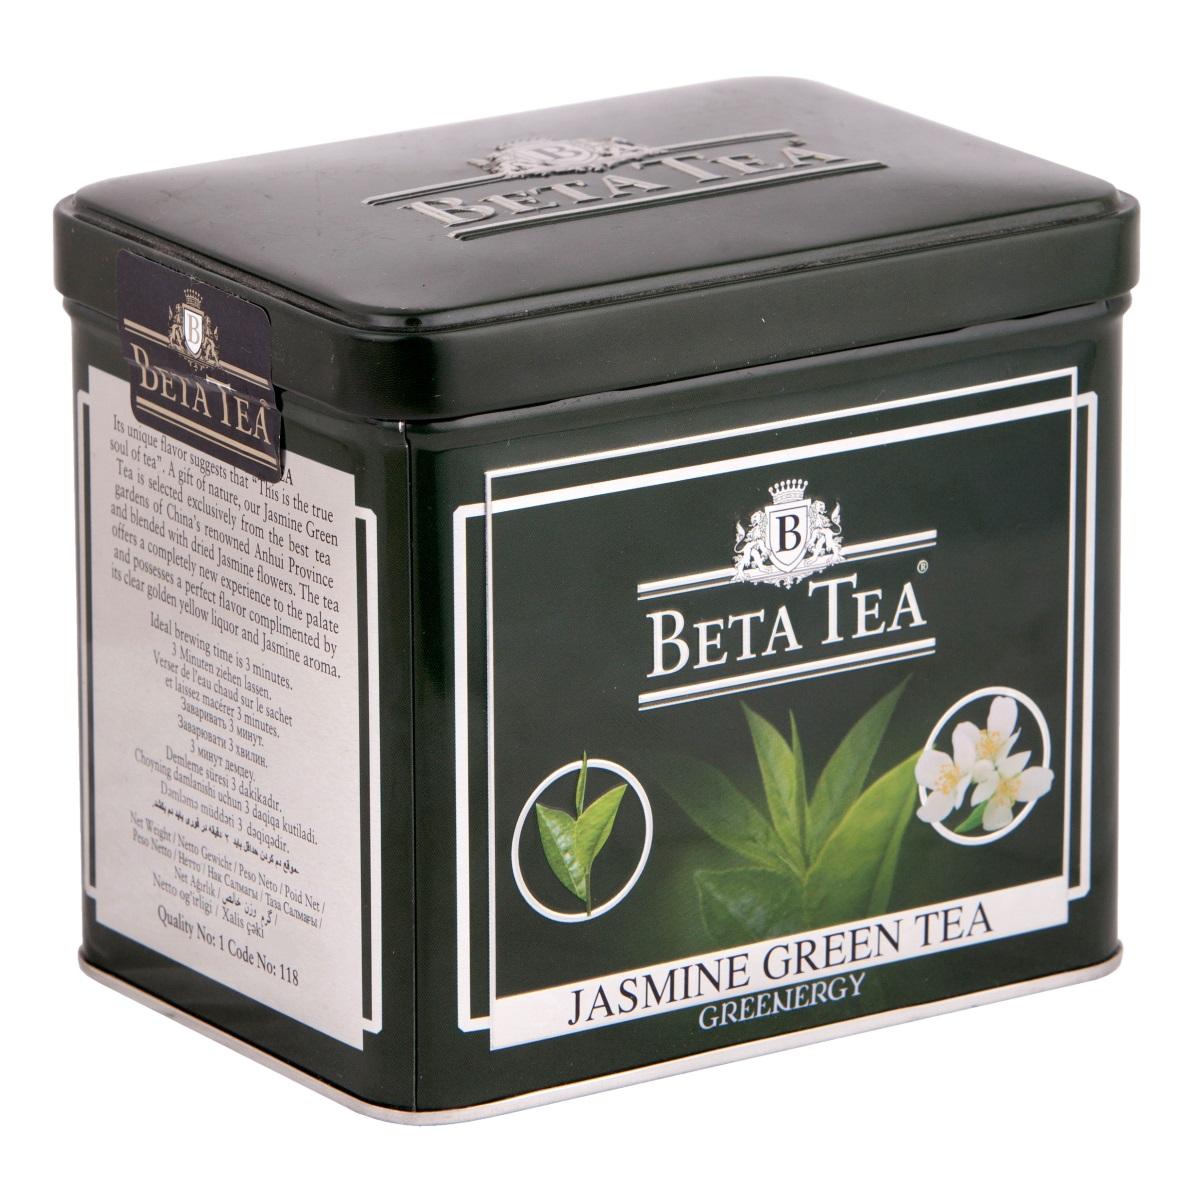 Beta Tea Зеленый с жасмином листовой чай, 100 г4607014860079Beta Tea предлагает вам насладиться целебными качествами зеленого чая с лепестками тропического жасмина, цветки которого собирают на горных склонах до восхода солнца, чтобы сохранить их нежный аромат. Настой обладает тонким цветочным ароматом и мягким вкусом.